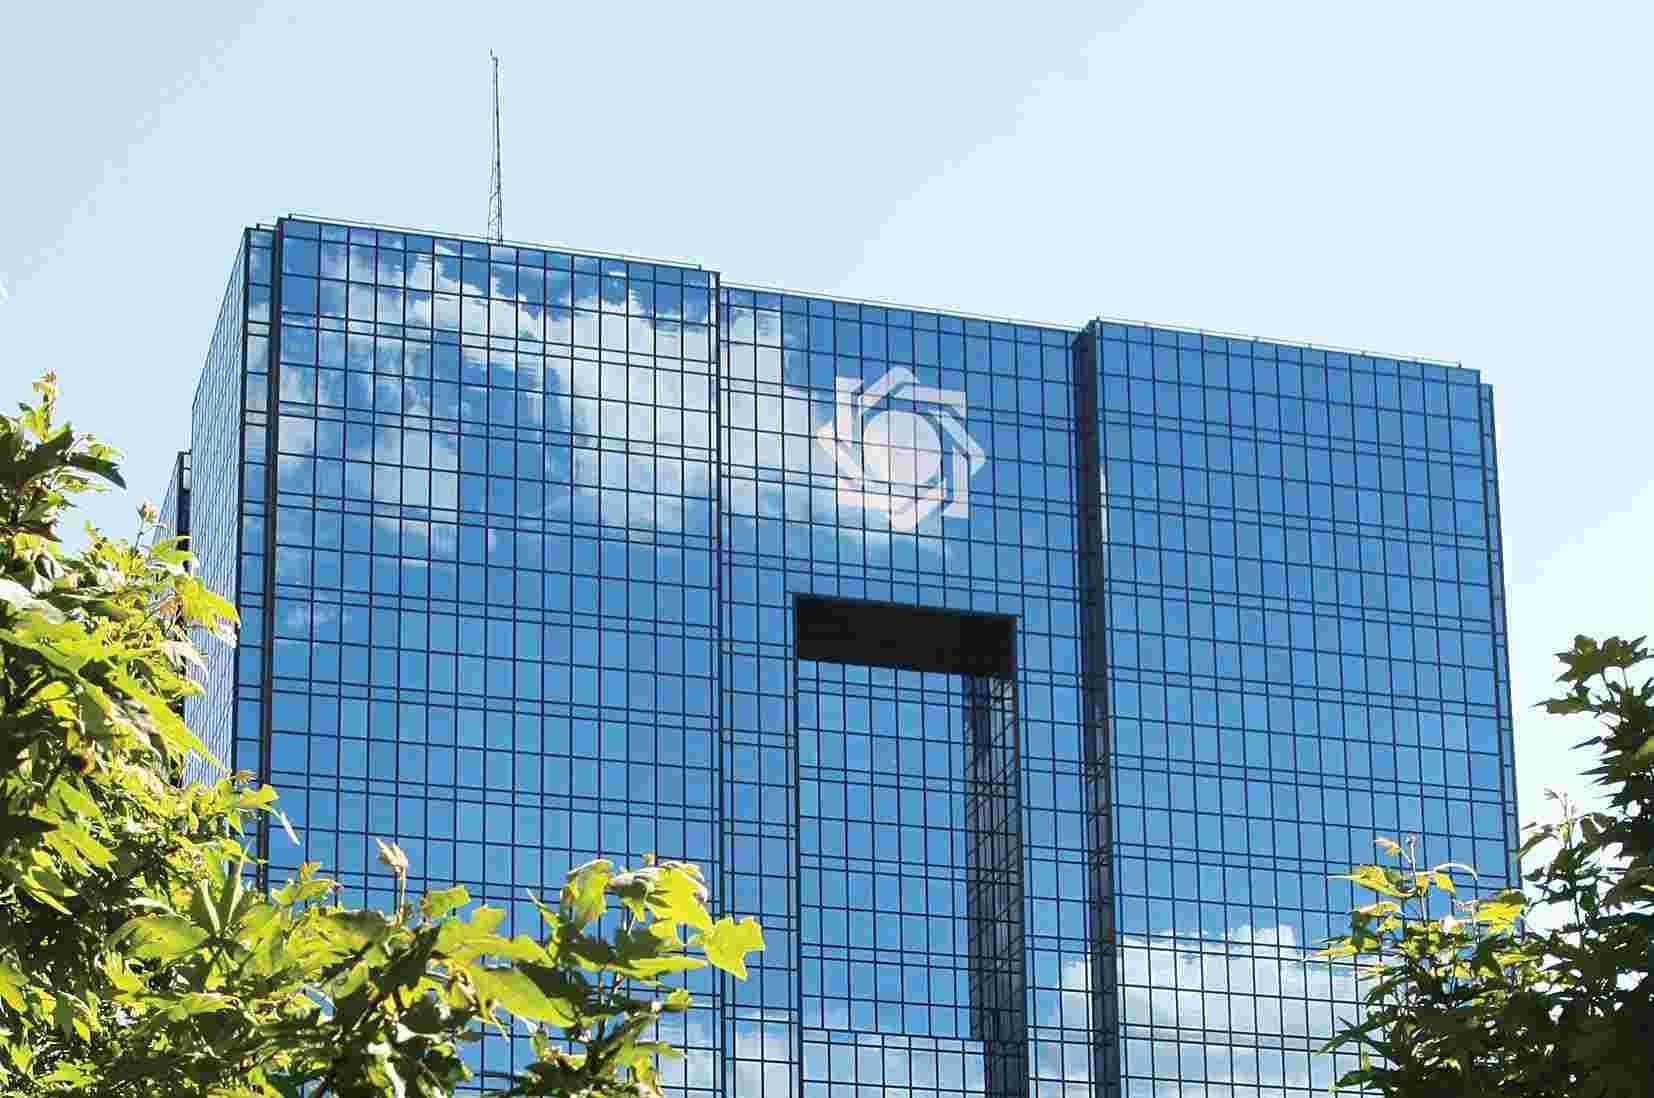 افزایش نرخ سود سپردهگذاری بانکها نزد بانک مرکزی به ۱۳ درصد